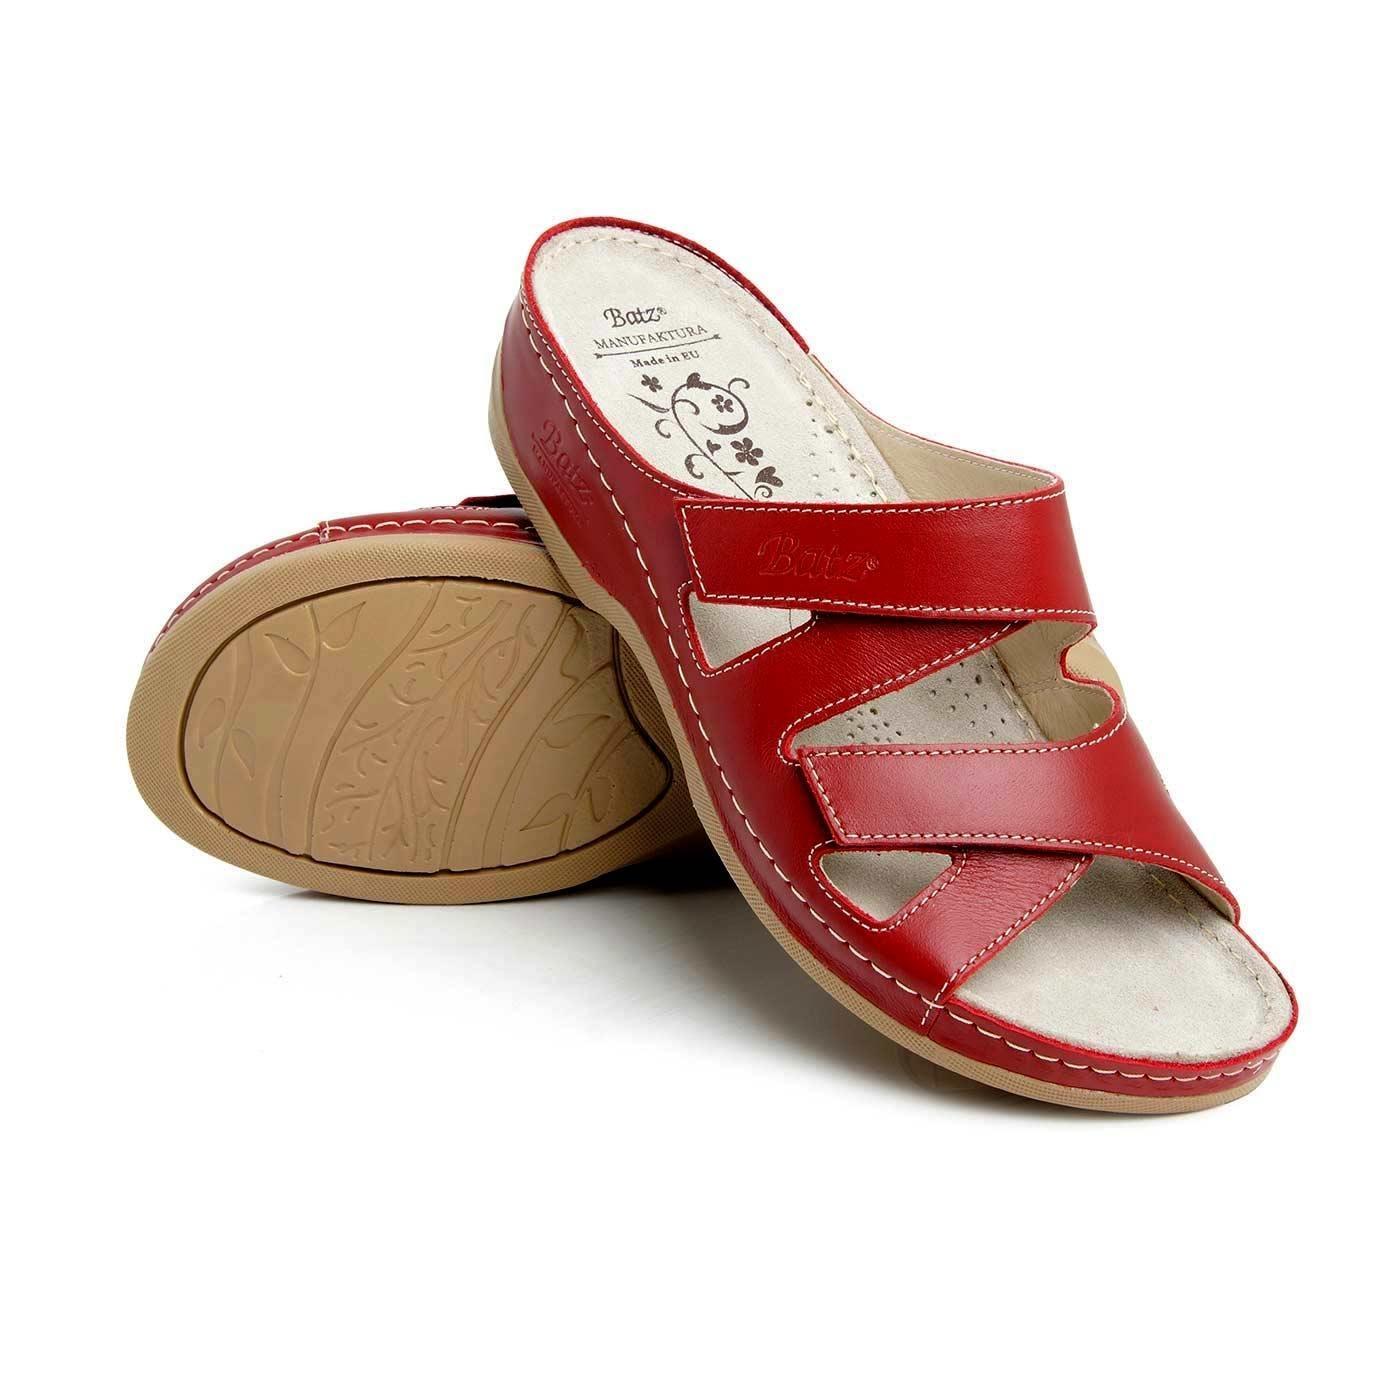 0287550eecf Batz dámské zdravotní pantofle Eni Red 36 - BIO a přírodní kosmetika ...